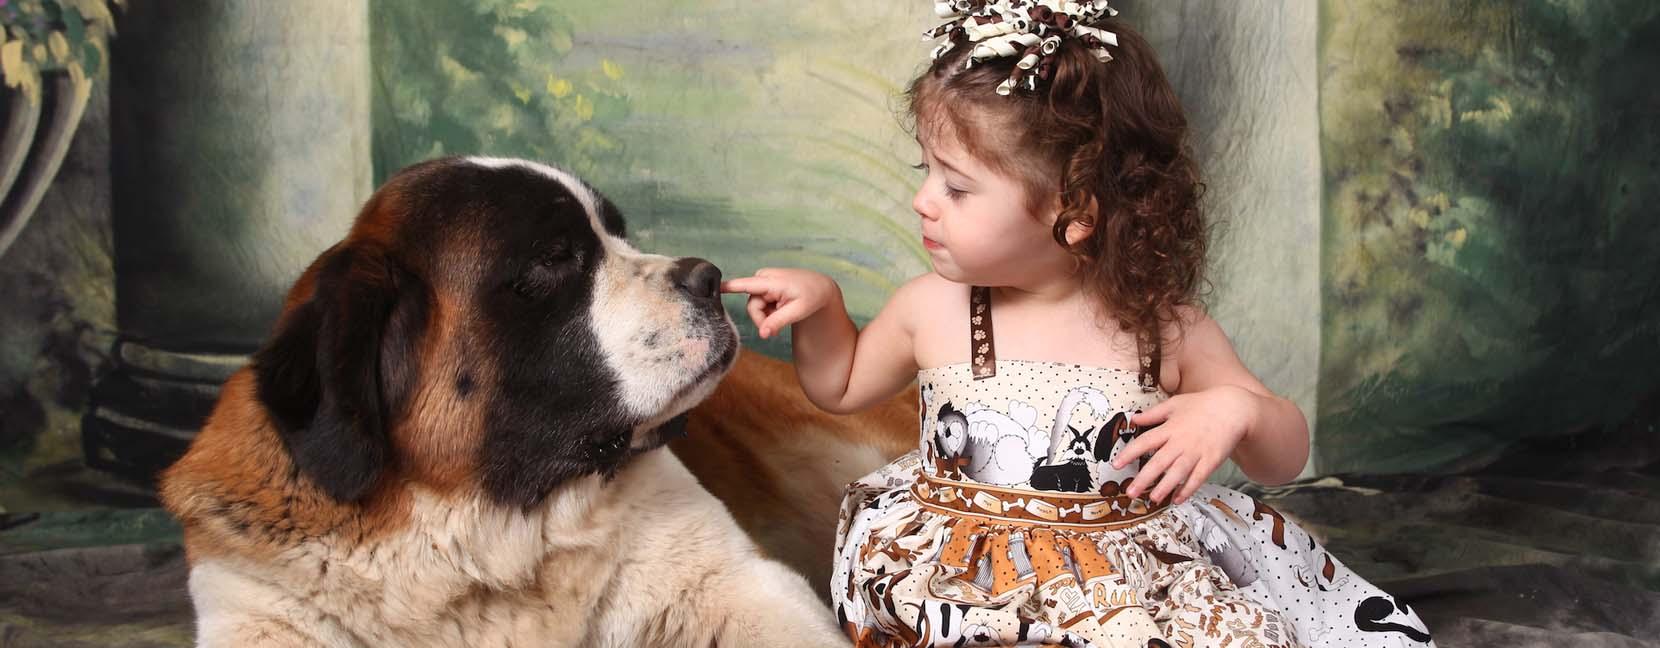 Bambina che tocca il naso di un grosso cane tranquillo